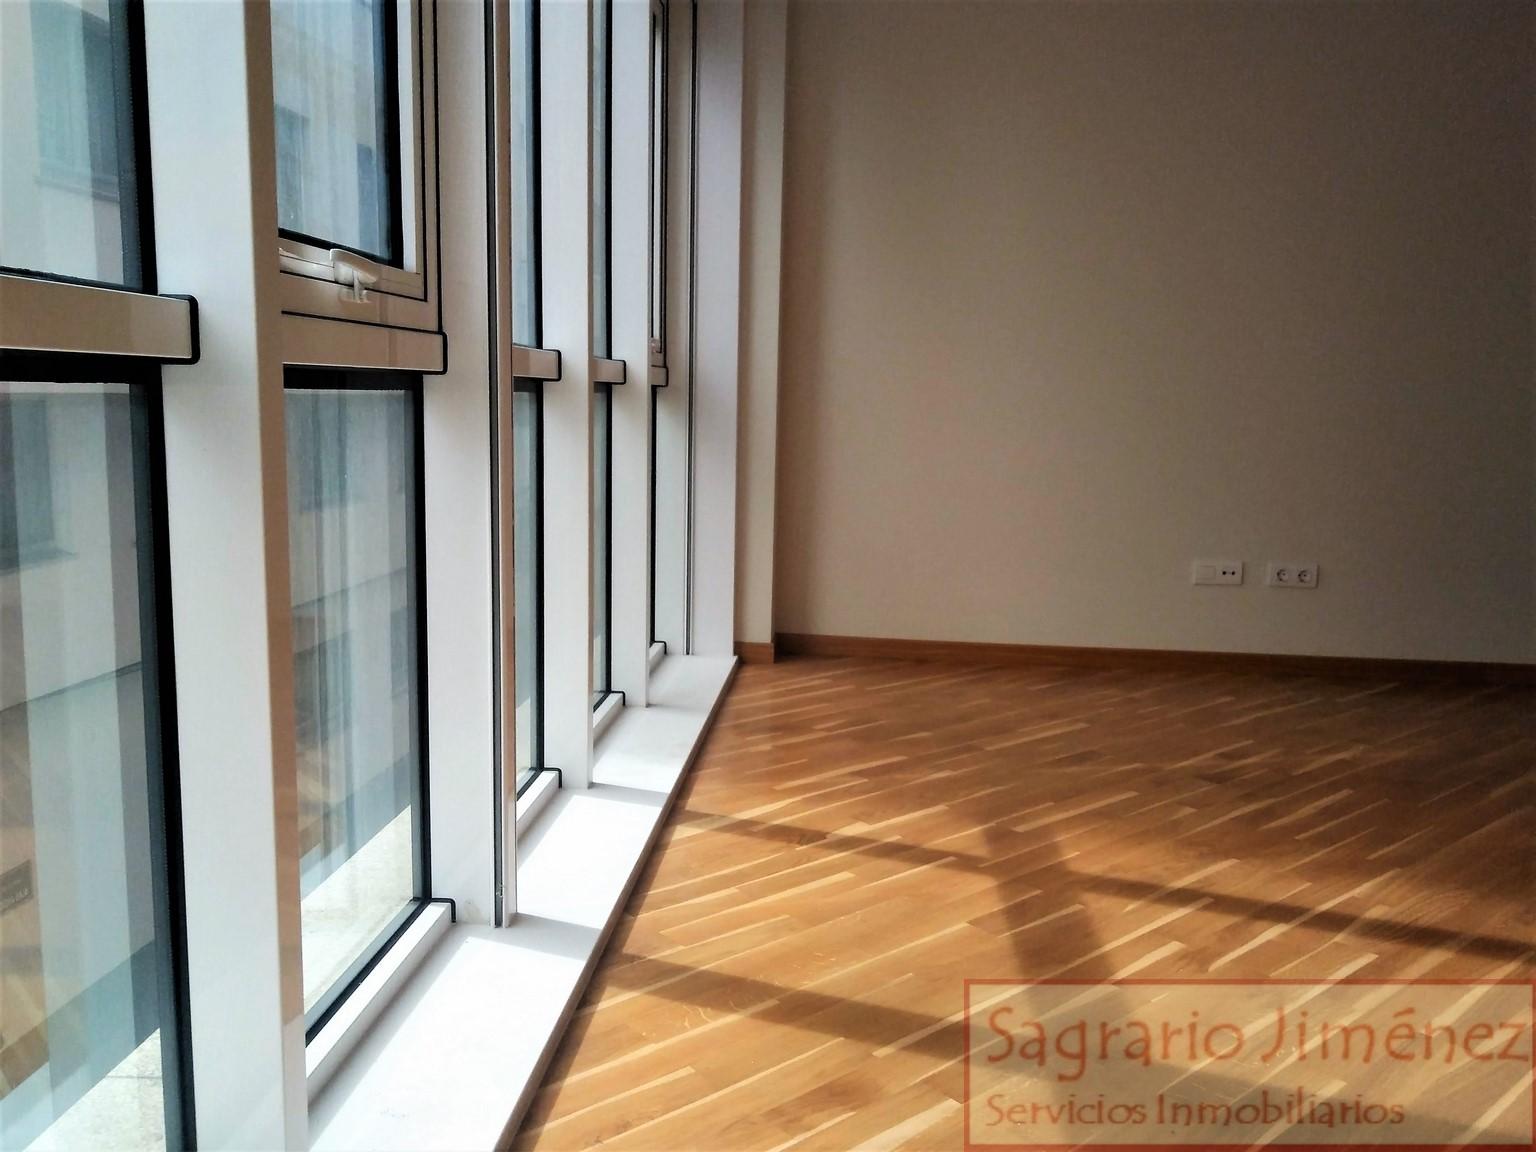 Viviendas coru a viviendas coru a piso en alquiler en - Poner piso en alquiler ...